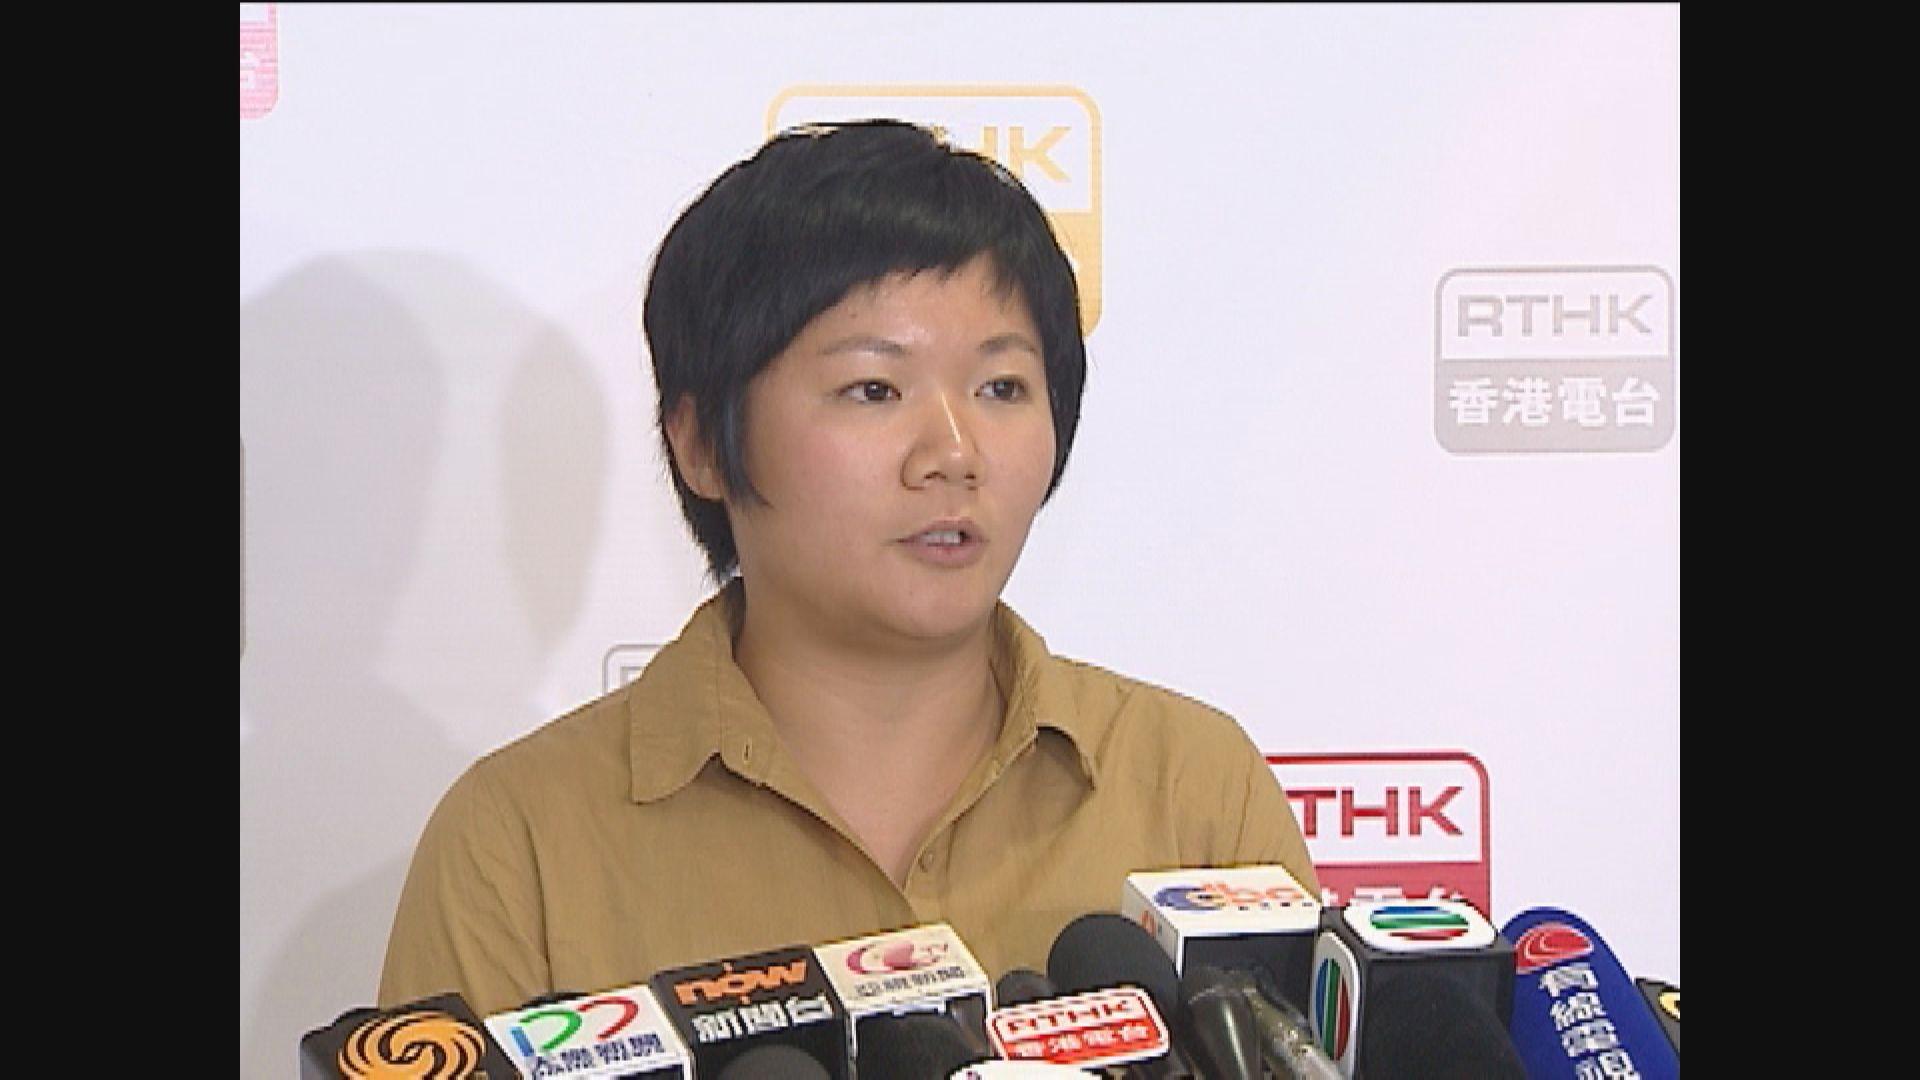 港台記者蔡玉玲被捕 涉報道721事件查車牌虛假陳述